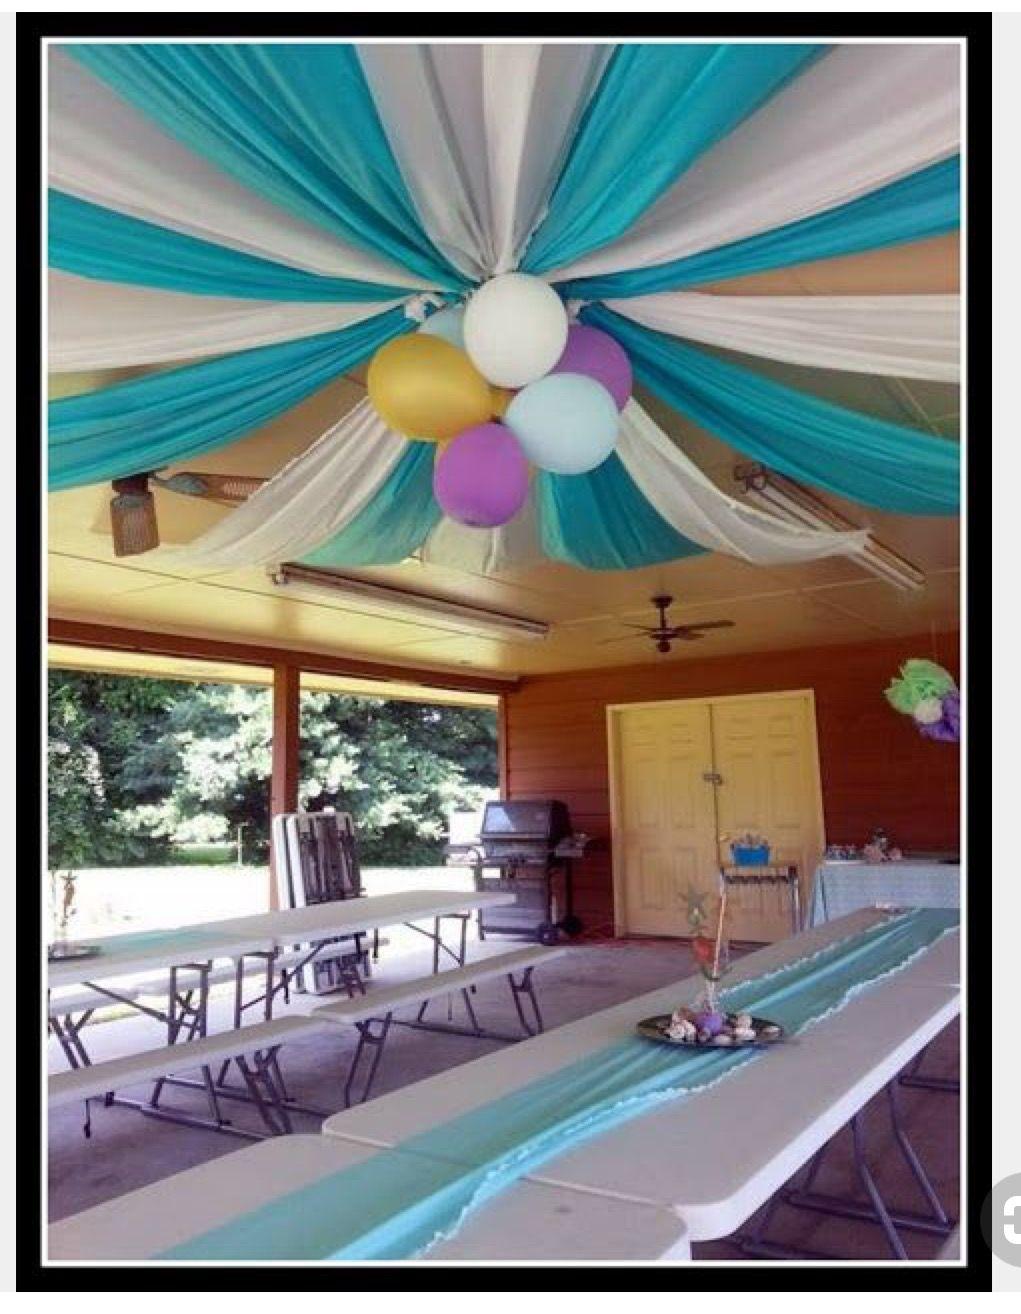 ceiling decoration using plastic tablecloths 65e anniversaire anniversaire de mariage idee decoration bapteme